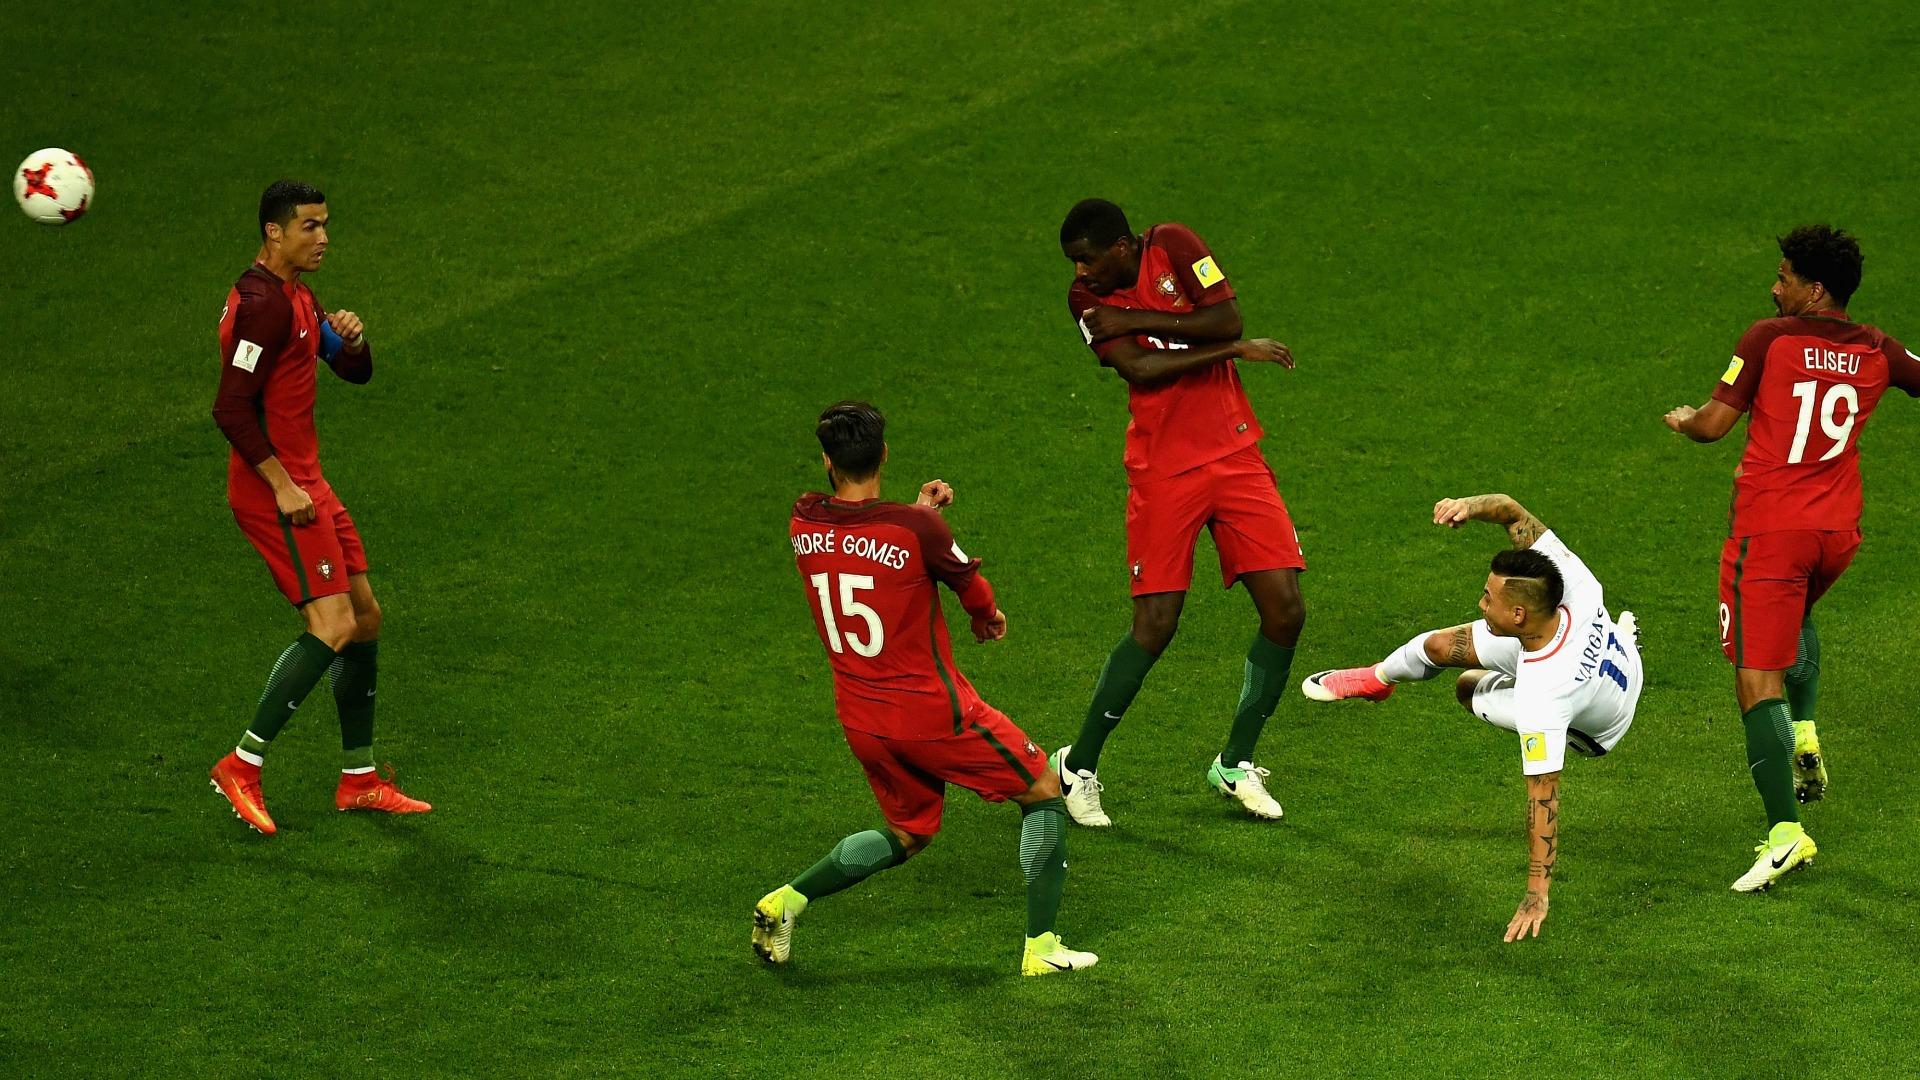 Eduardo Vargas Cristiano Ronaldo Chile Portugal 280617